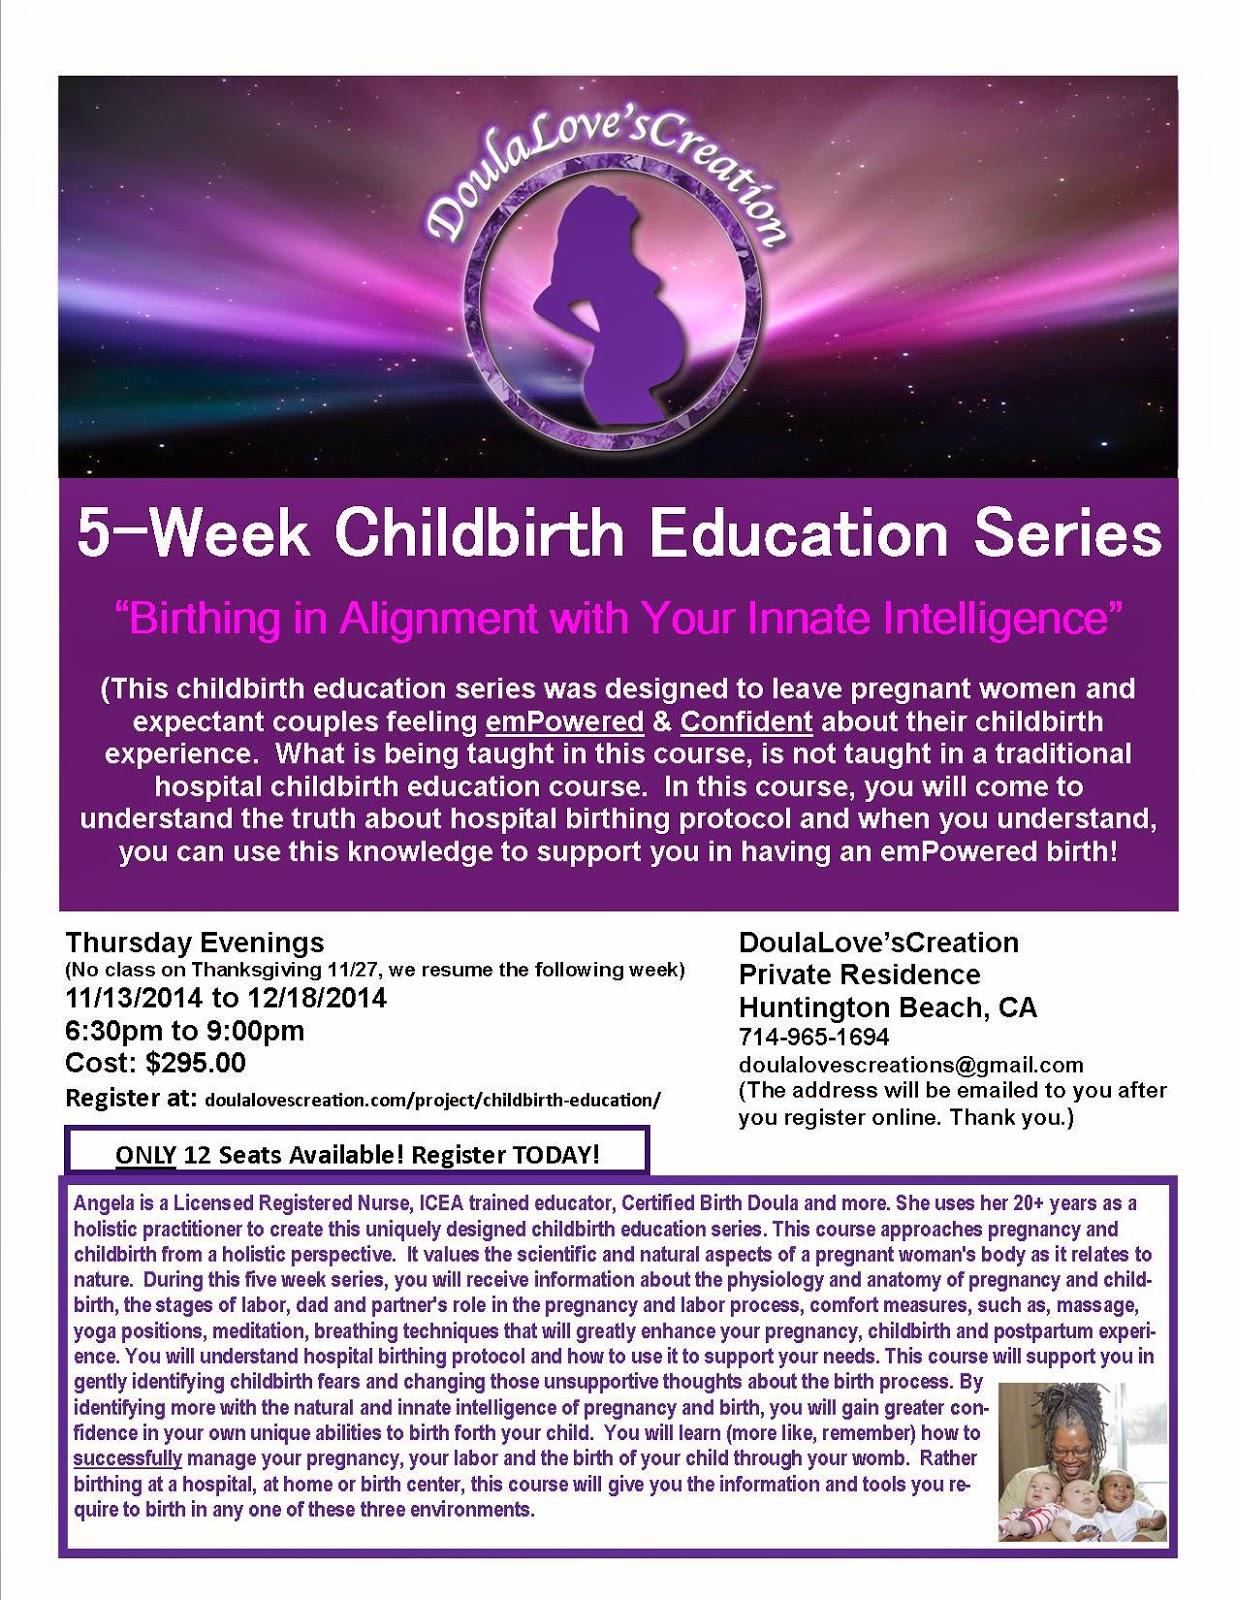 5-Week Childbirth Education Series!